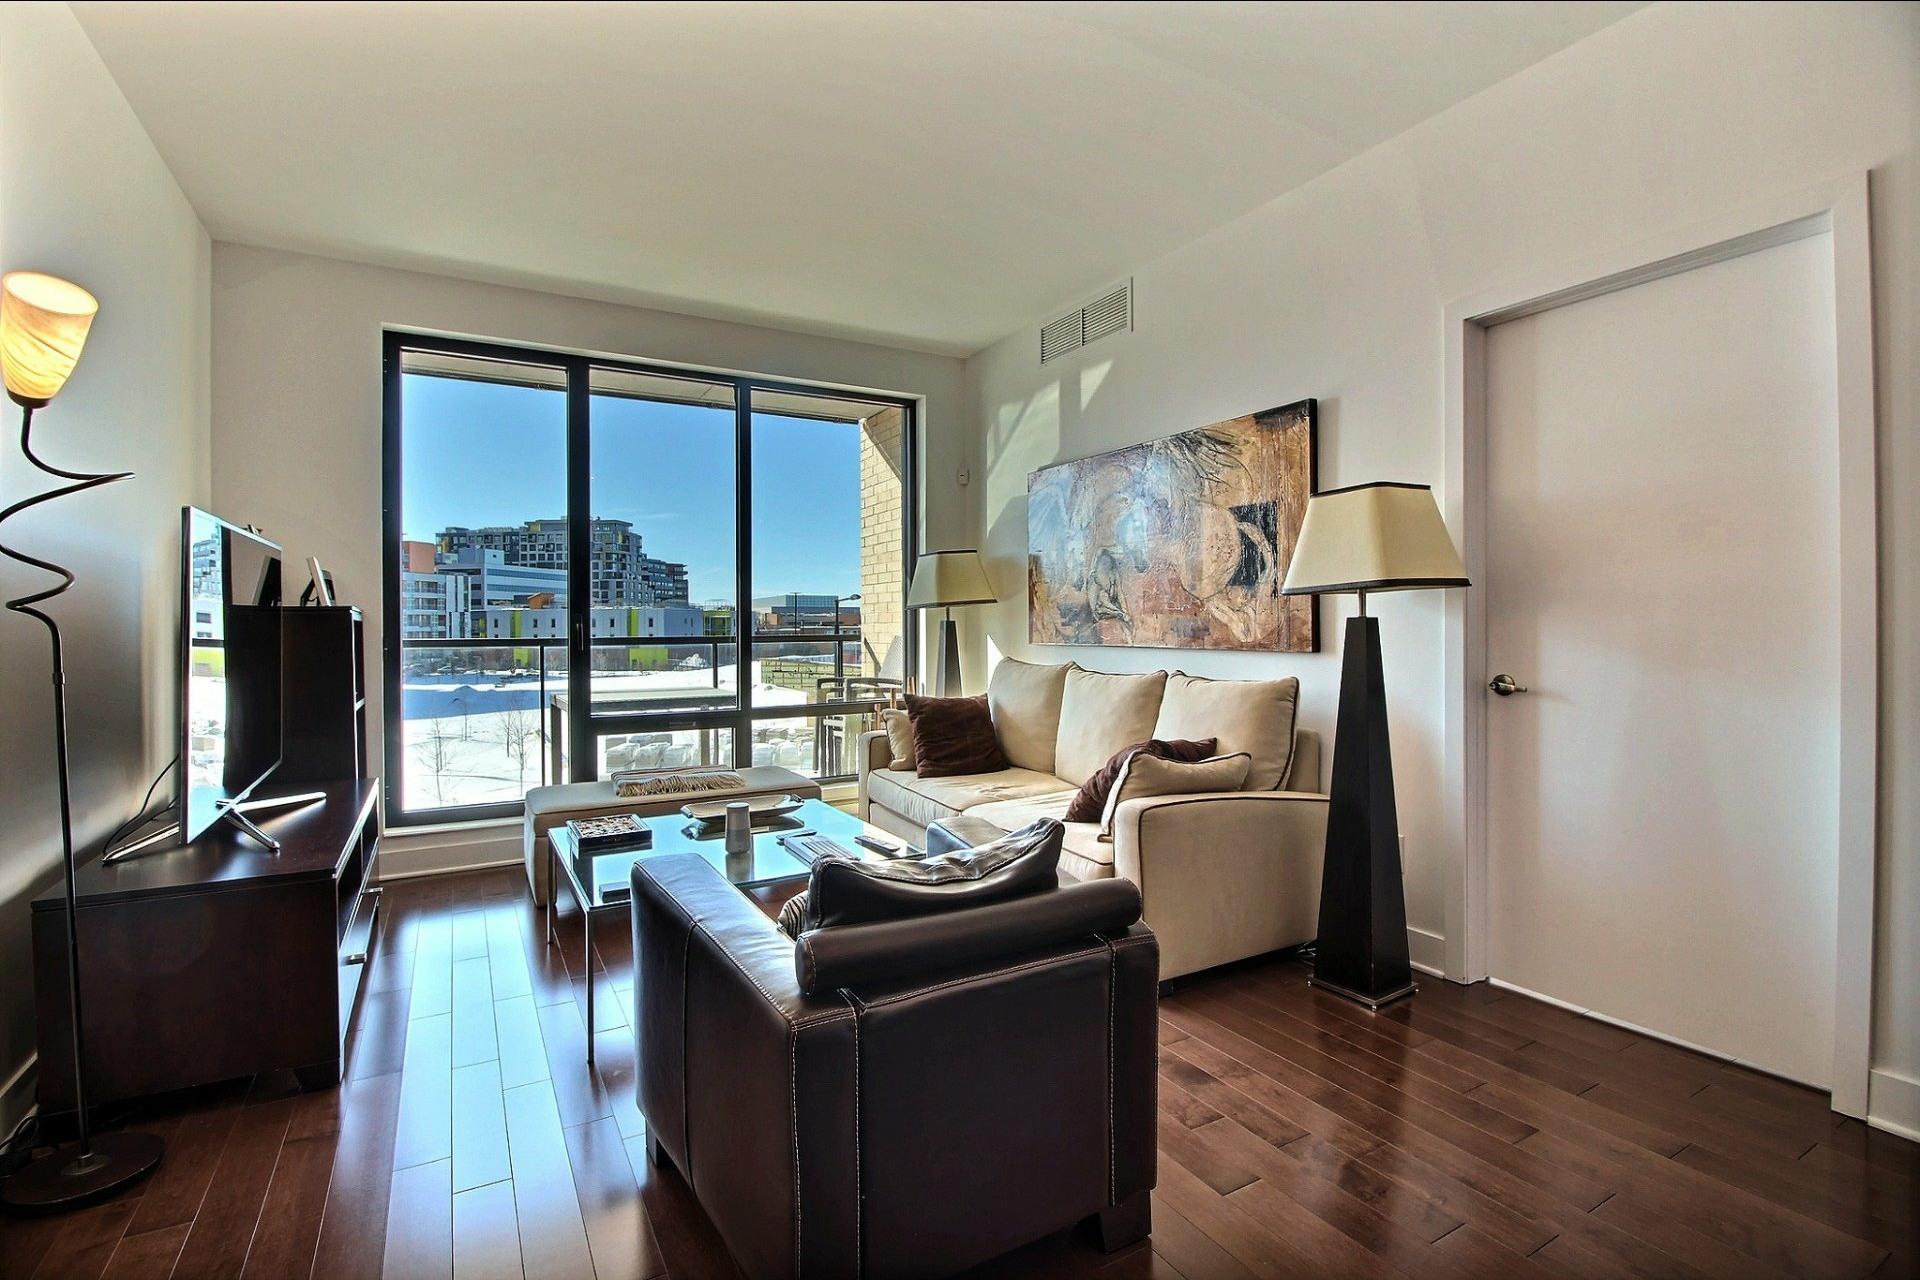 image 12 - Appartement À louer Côte-des-Neiges/Notre-Dame-de-Grâce Montréal  - 4 pièces